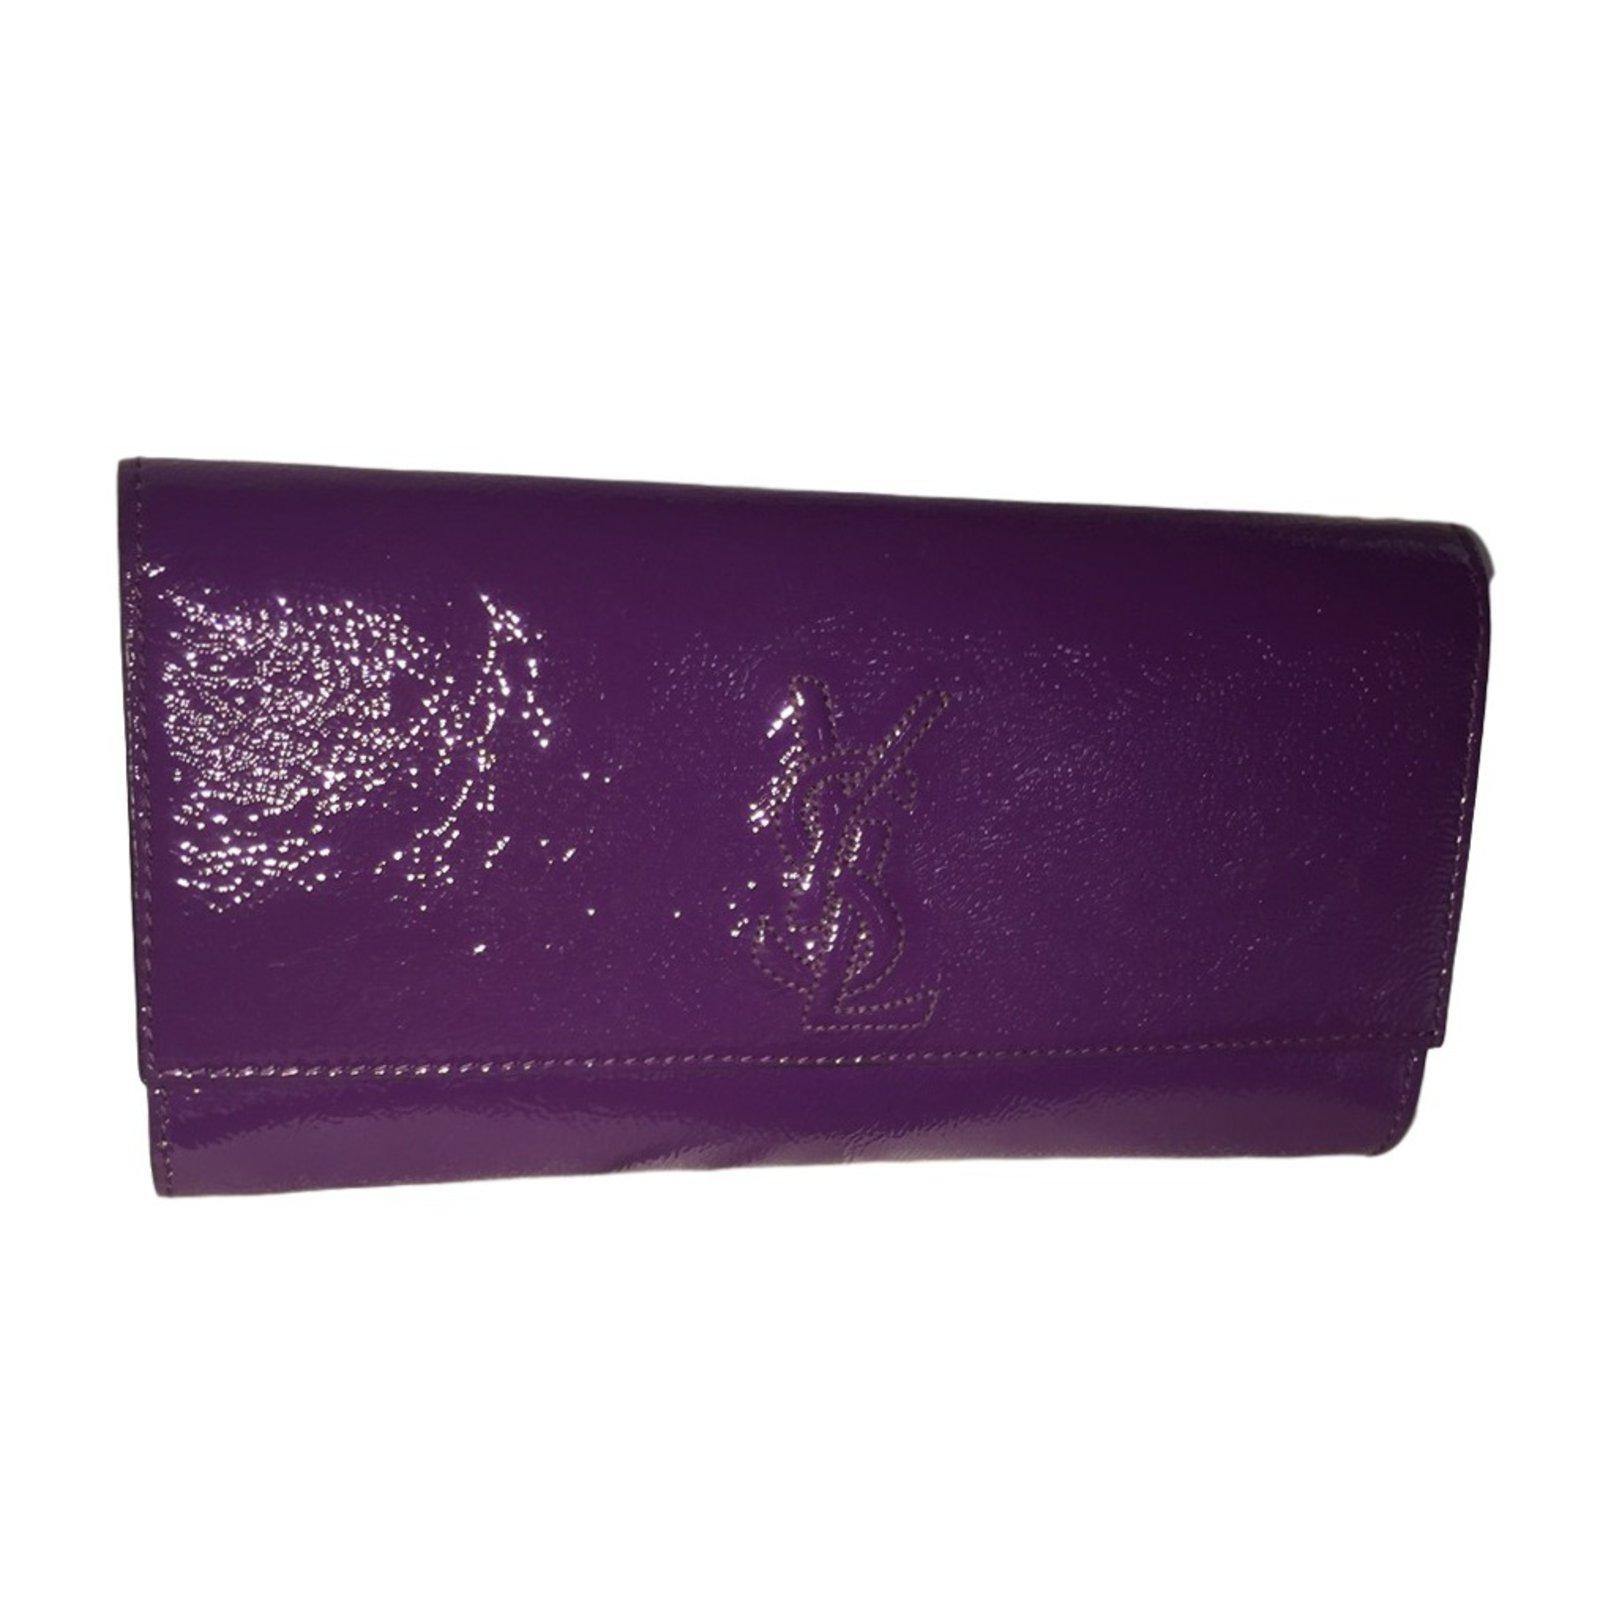 Yves Saint Laurent BELLE DE JOUR Clutch bags Patent leather Purple ref.26849 c3e96ea7df14a